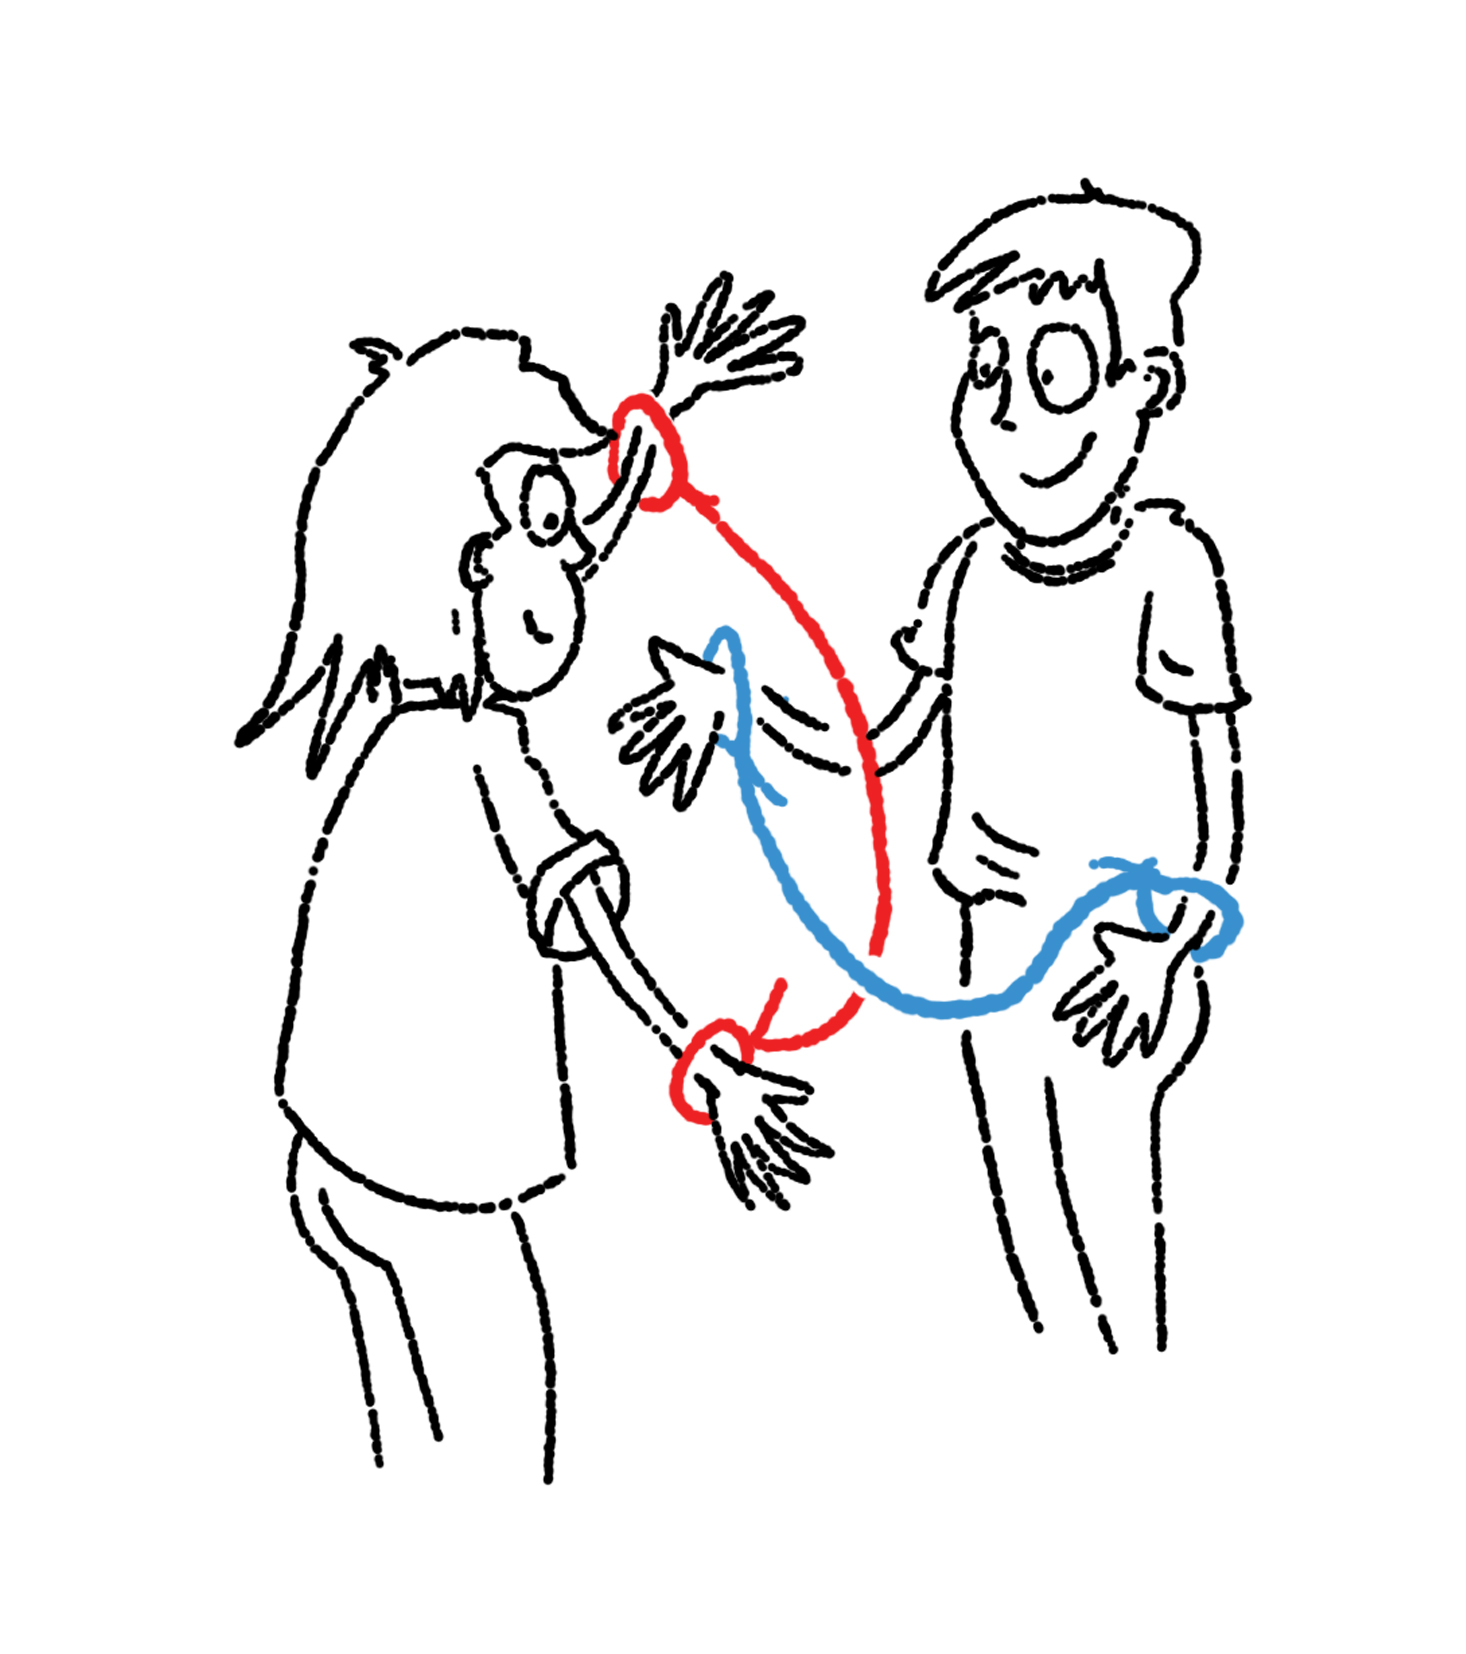 Rope Magic Tricks